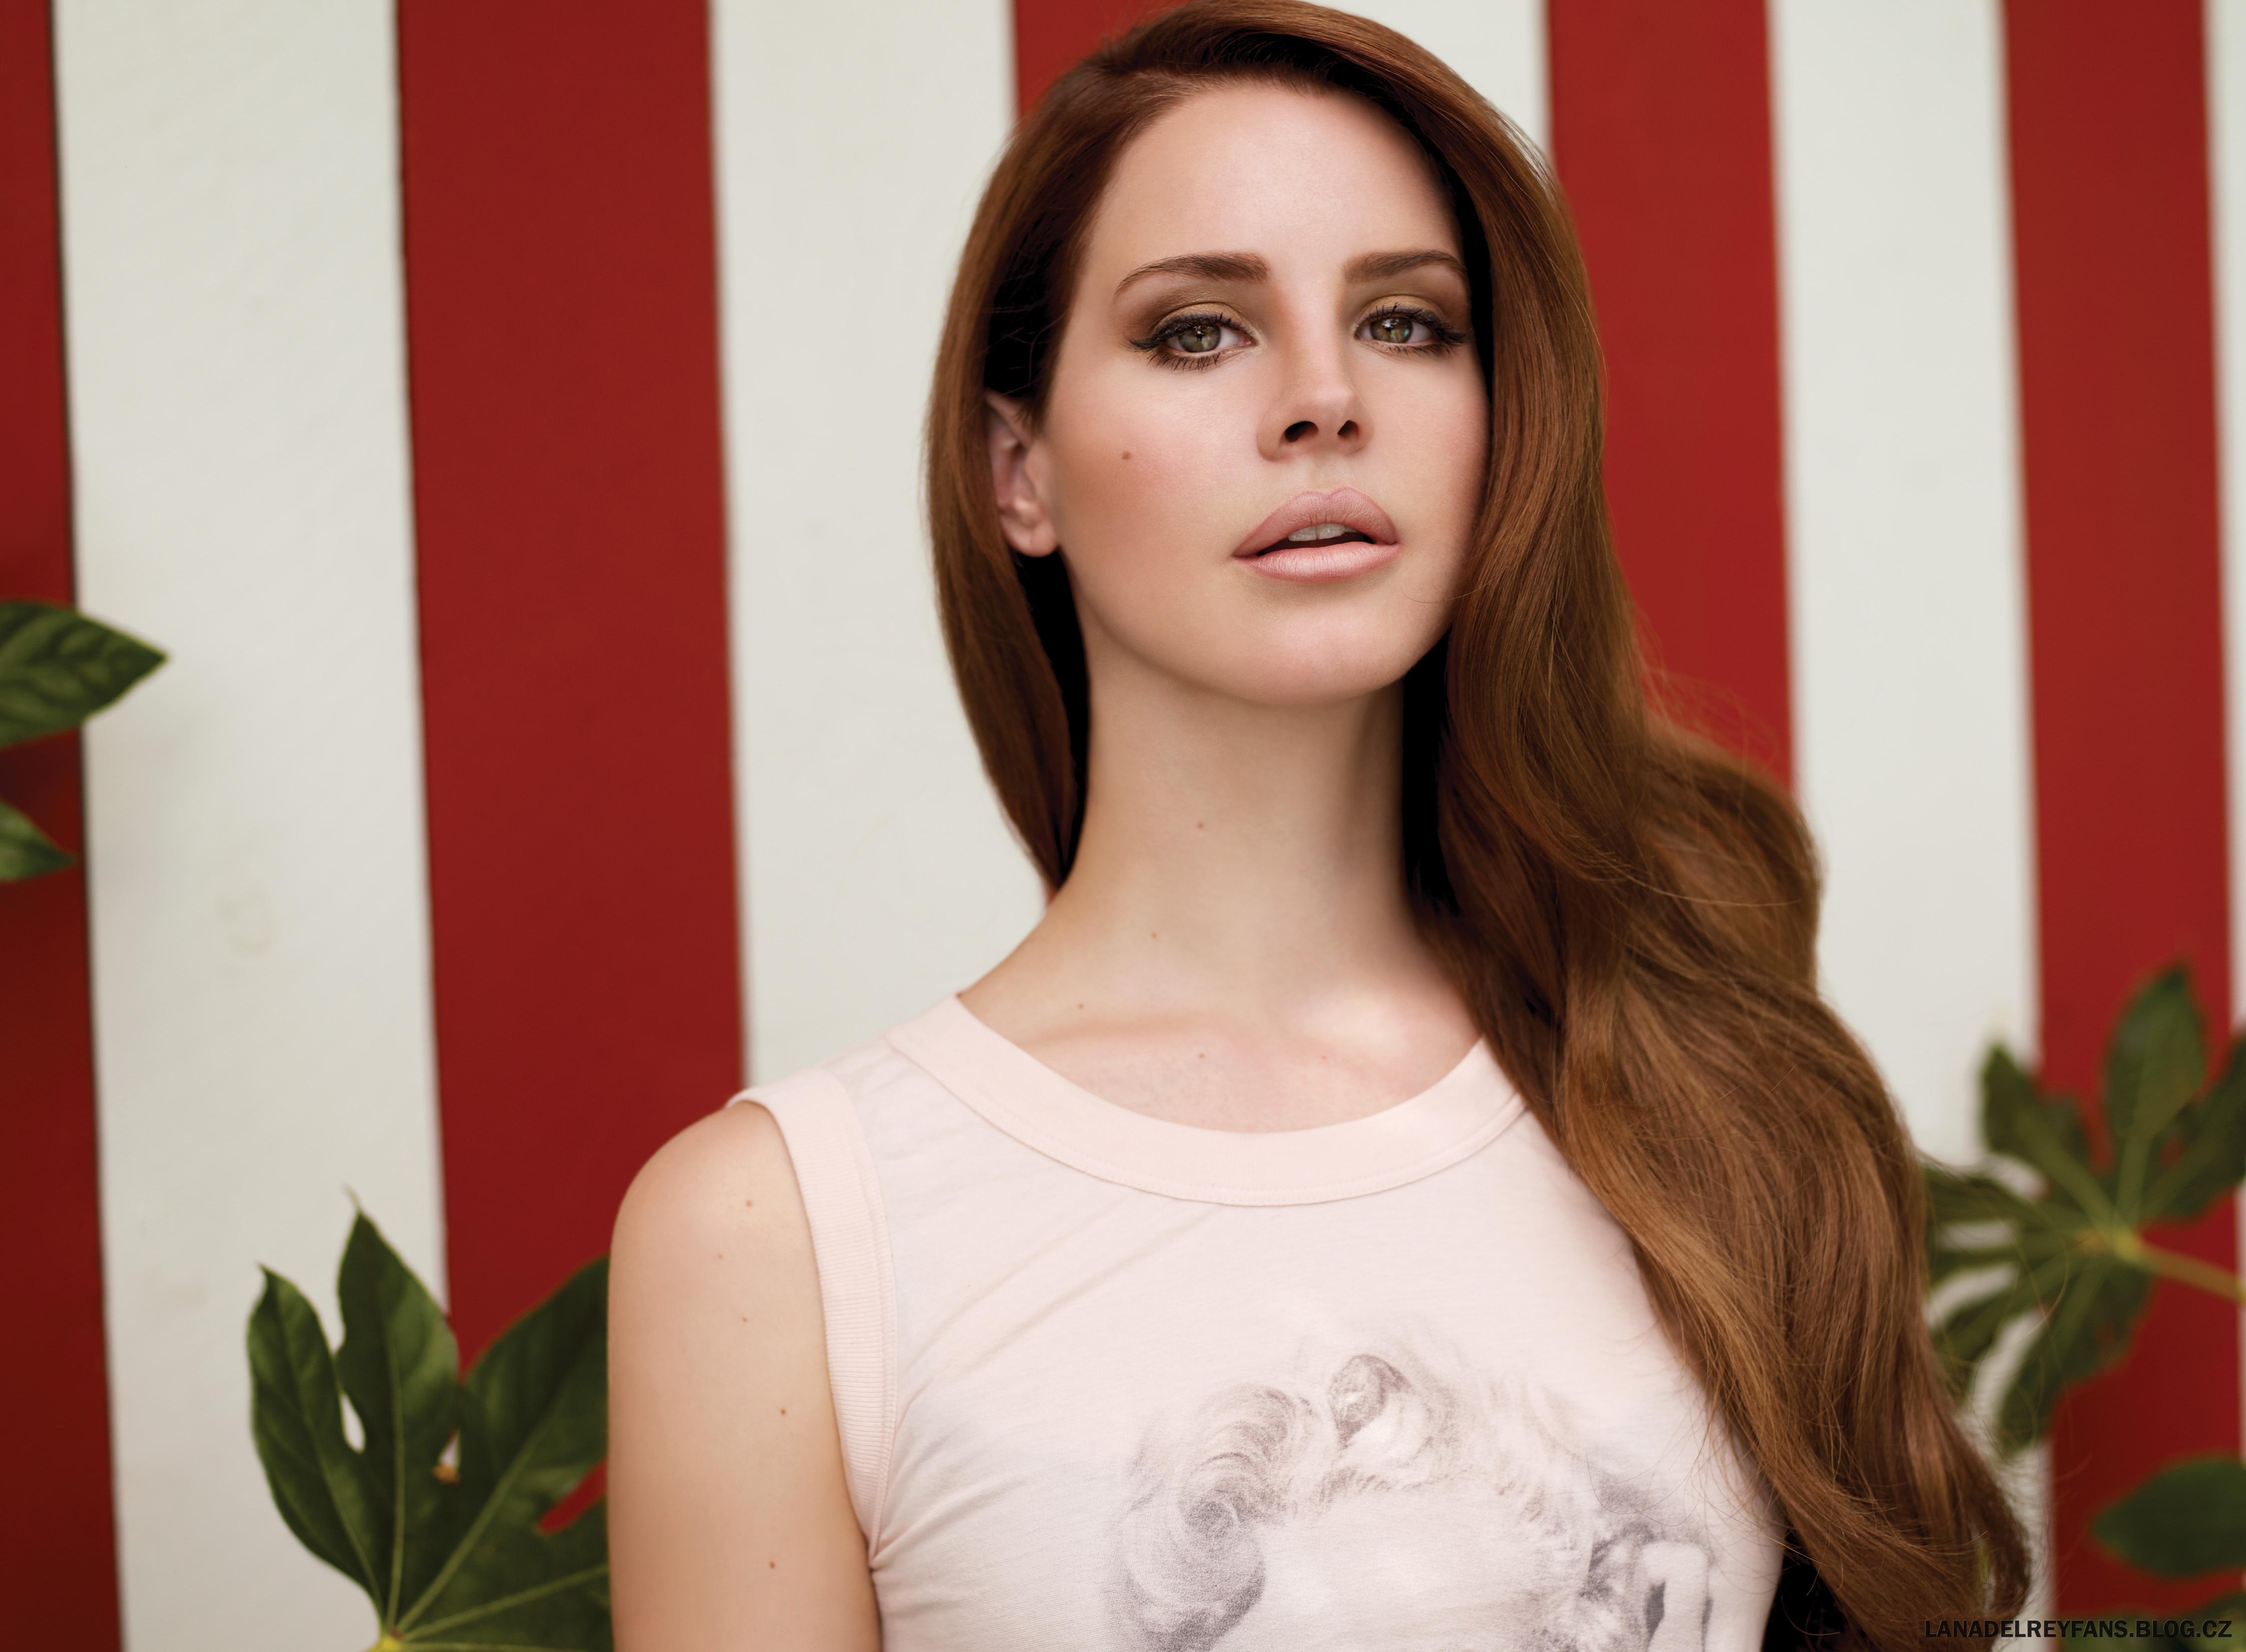 126 Lana Del Rey Fondos De Pantalla Hd Fondos De Escritorio